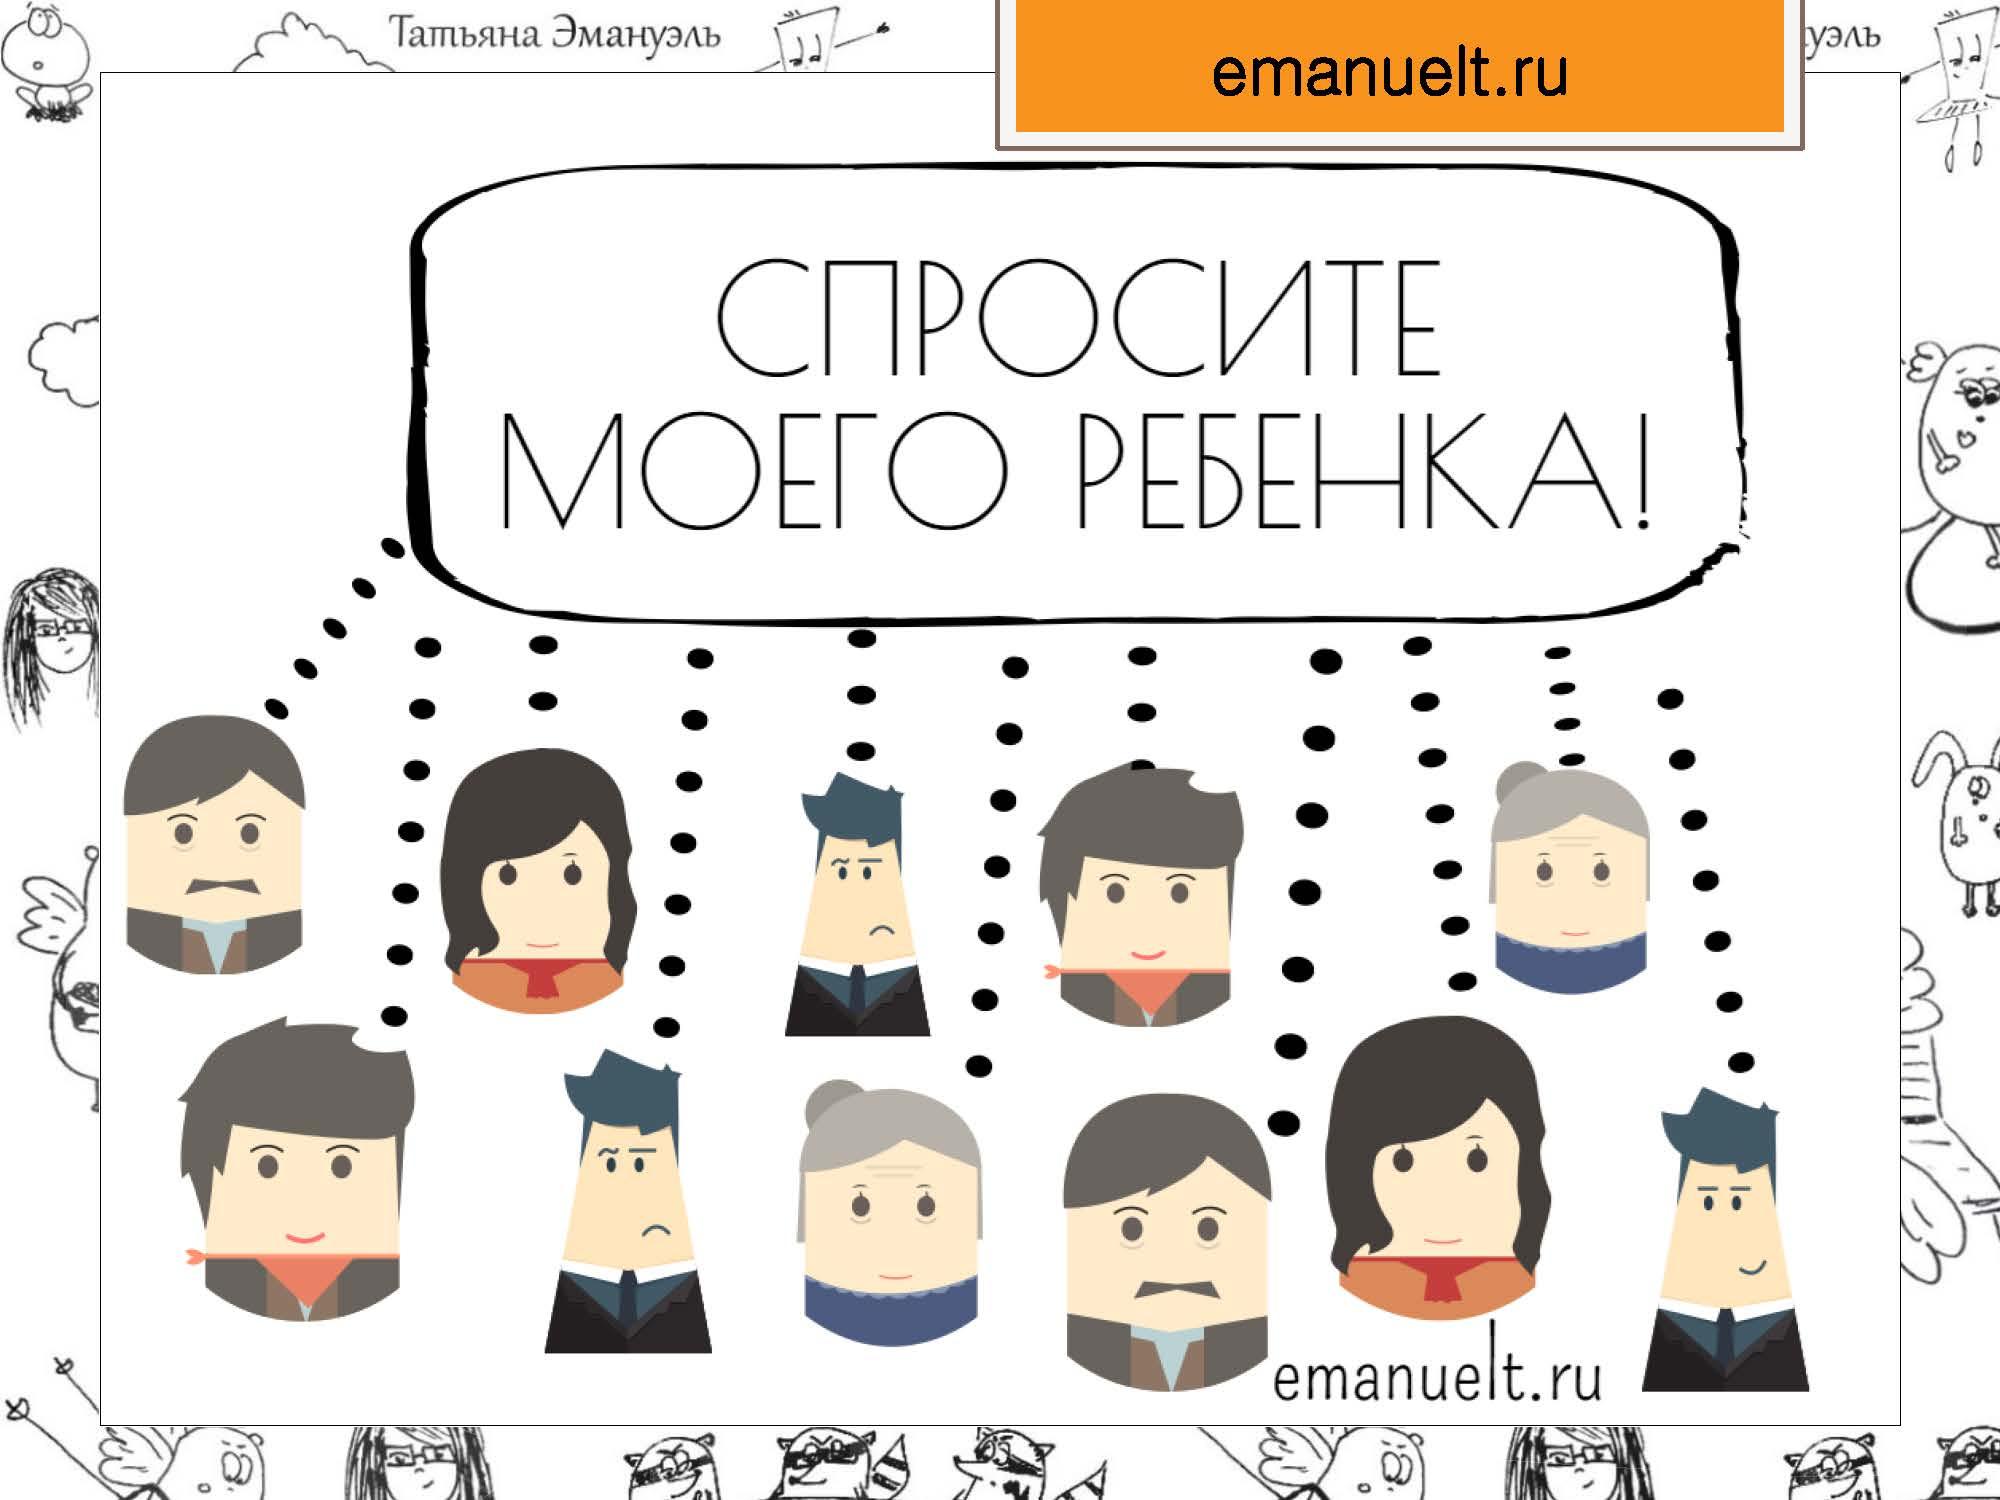 секция 8. Эмануэль Т.С., Московский район_Страница_56